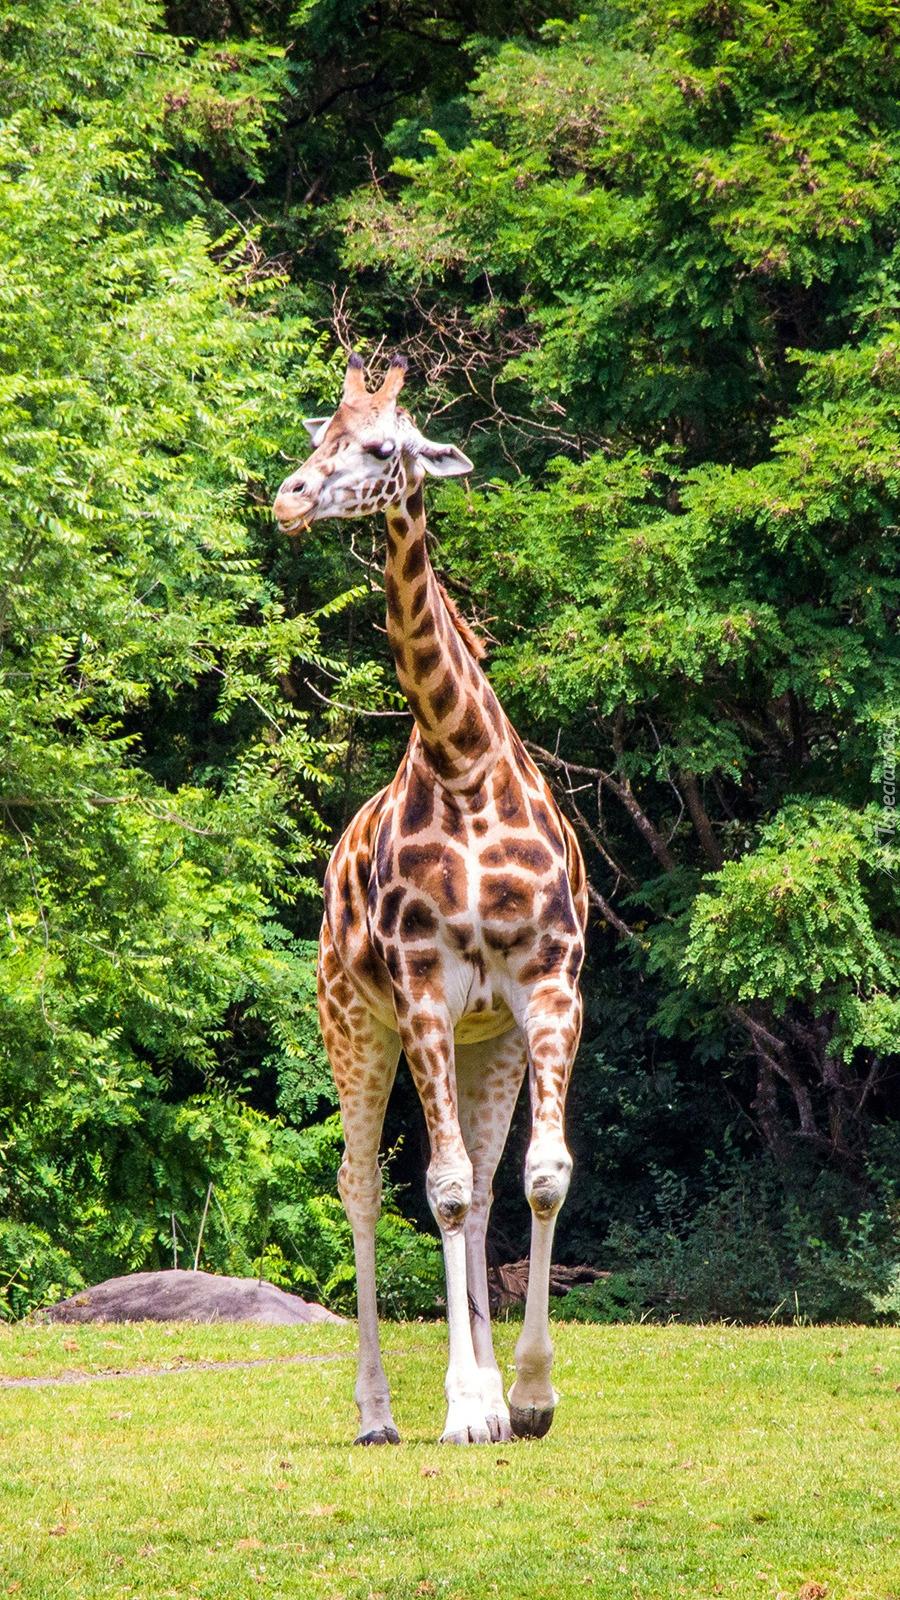 Żyrafa przy drzewach